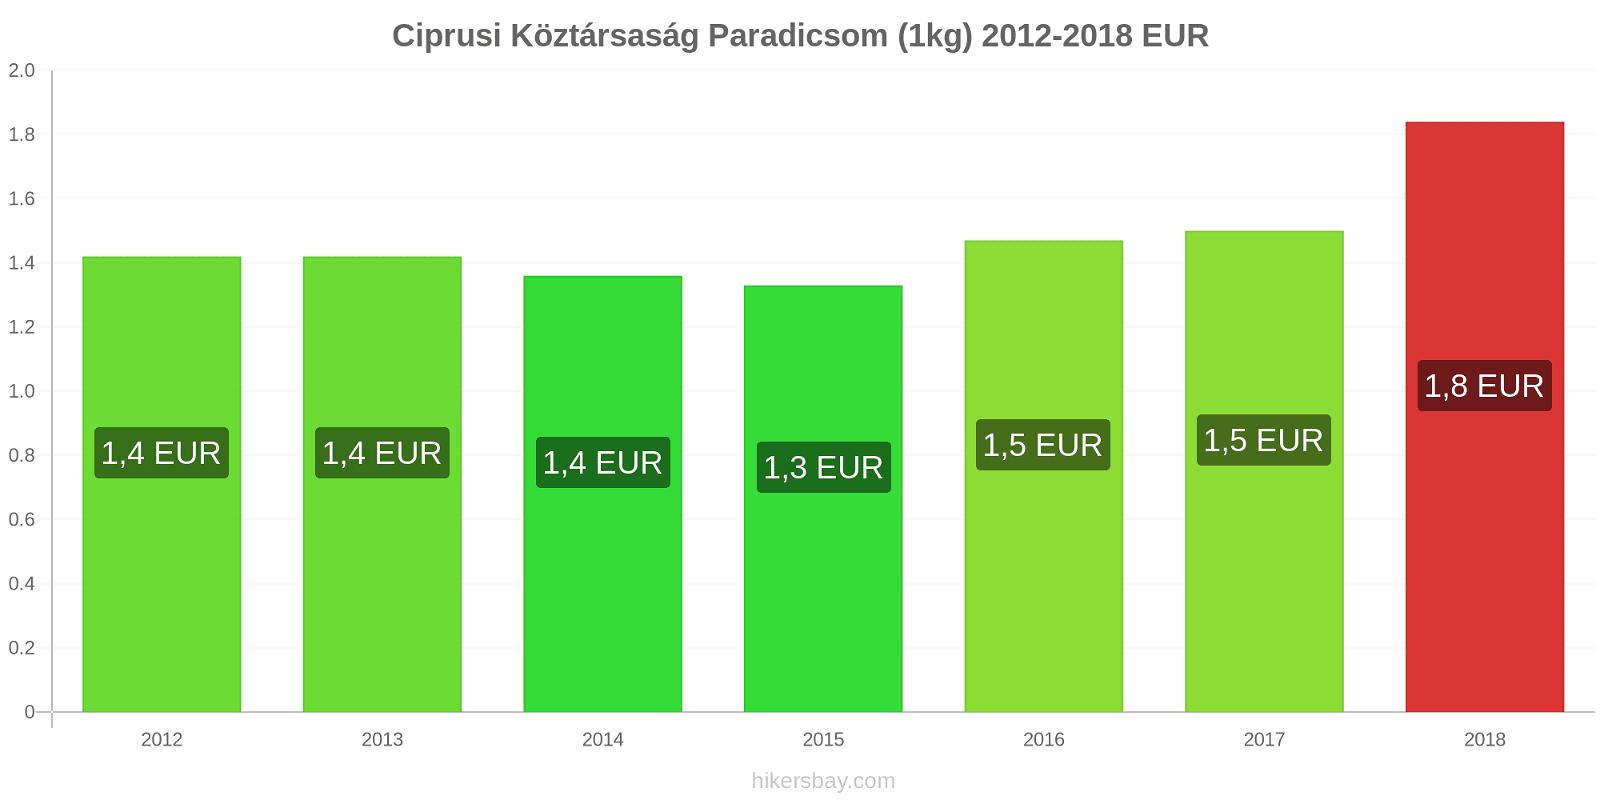 Ciprusi Köztársaság árváltozások Paradicsom (1kg) hikersbay.com